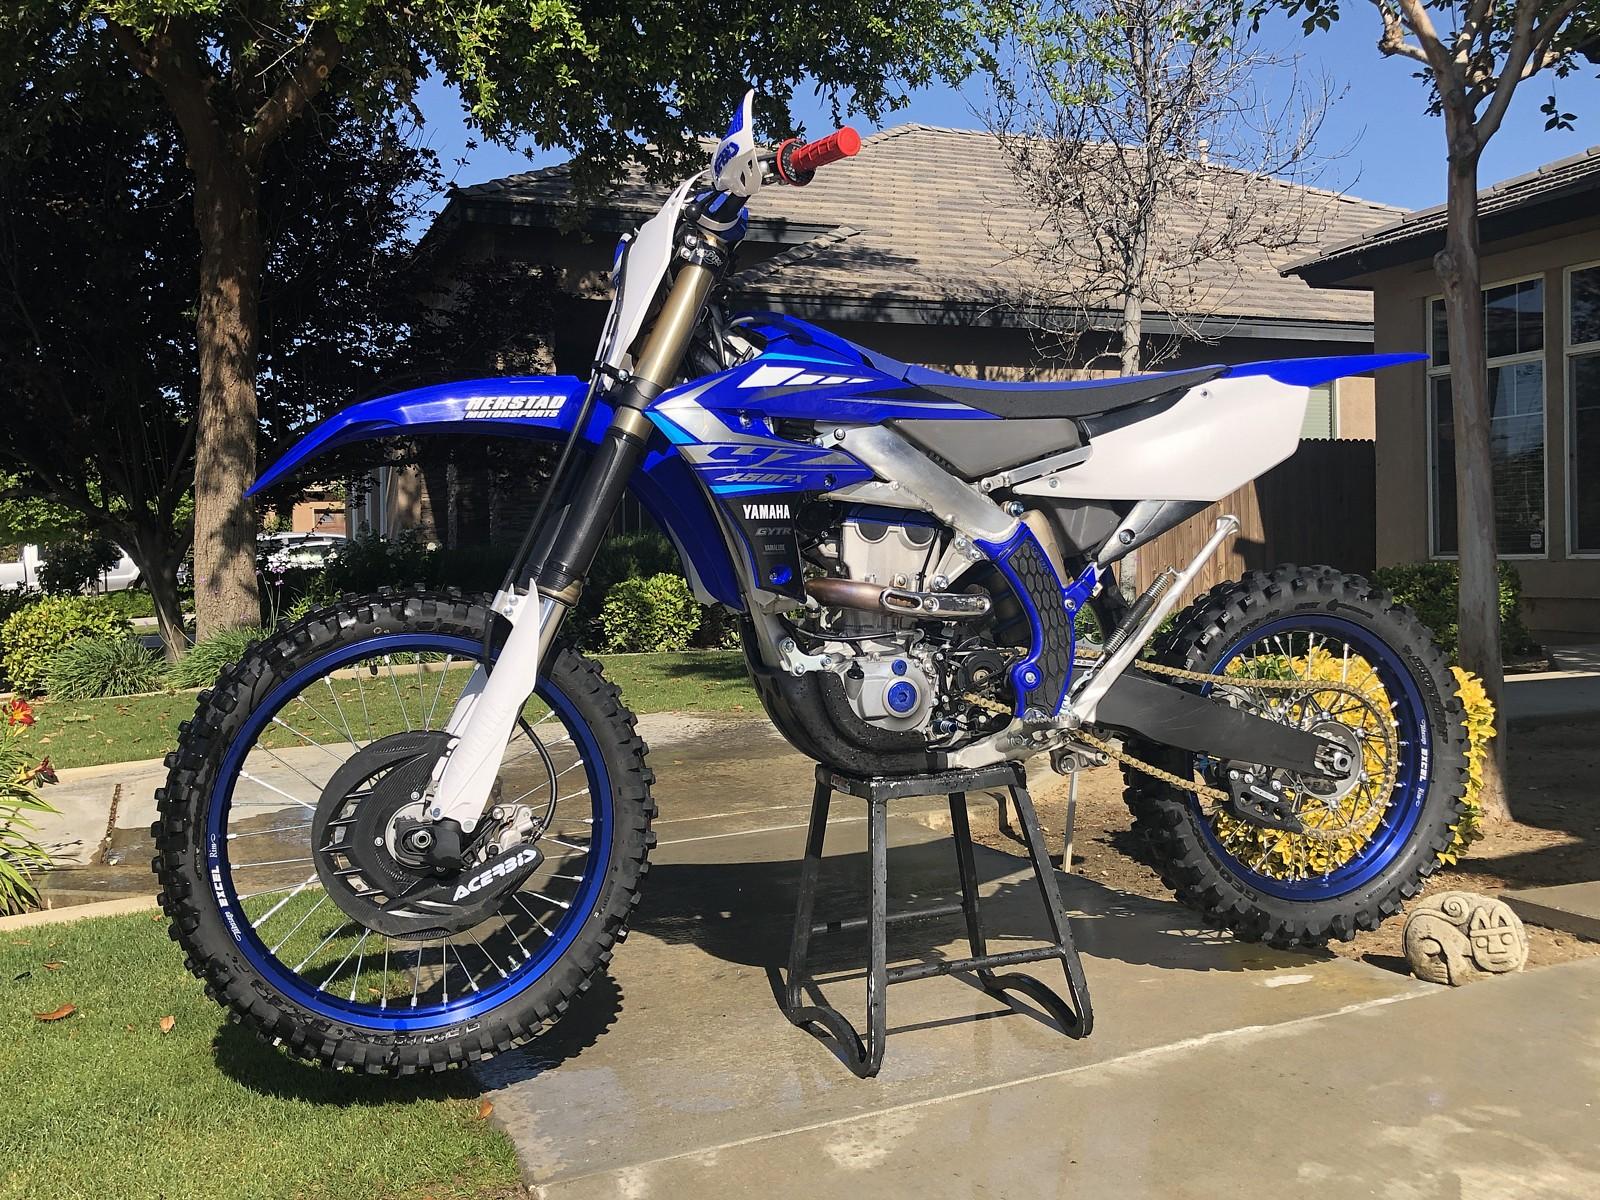 66B871FE-F098-4FAA-B18D-DF5849641DB2 - Motox976 - Motocross Pictures - Vital MX